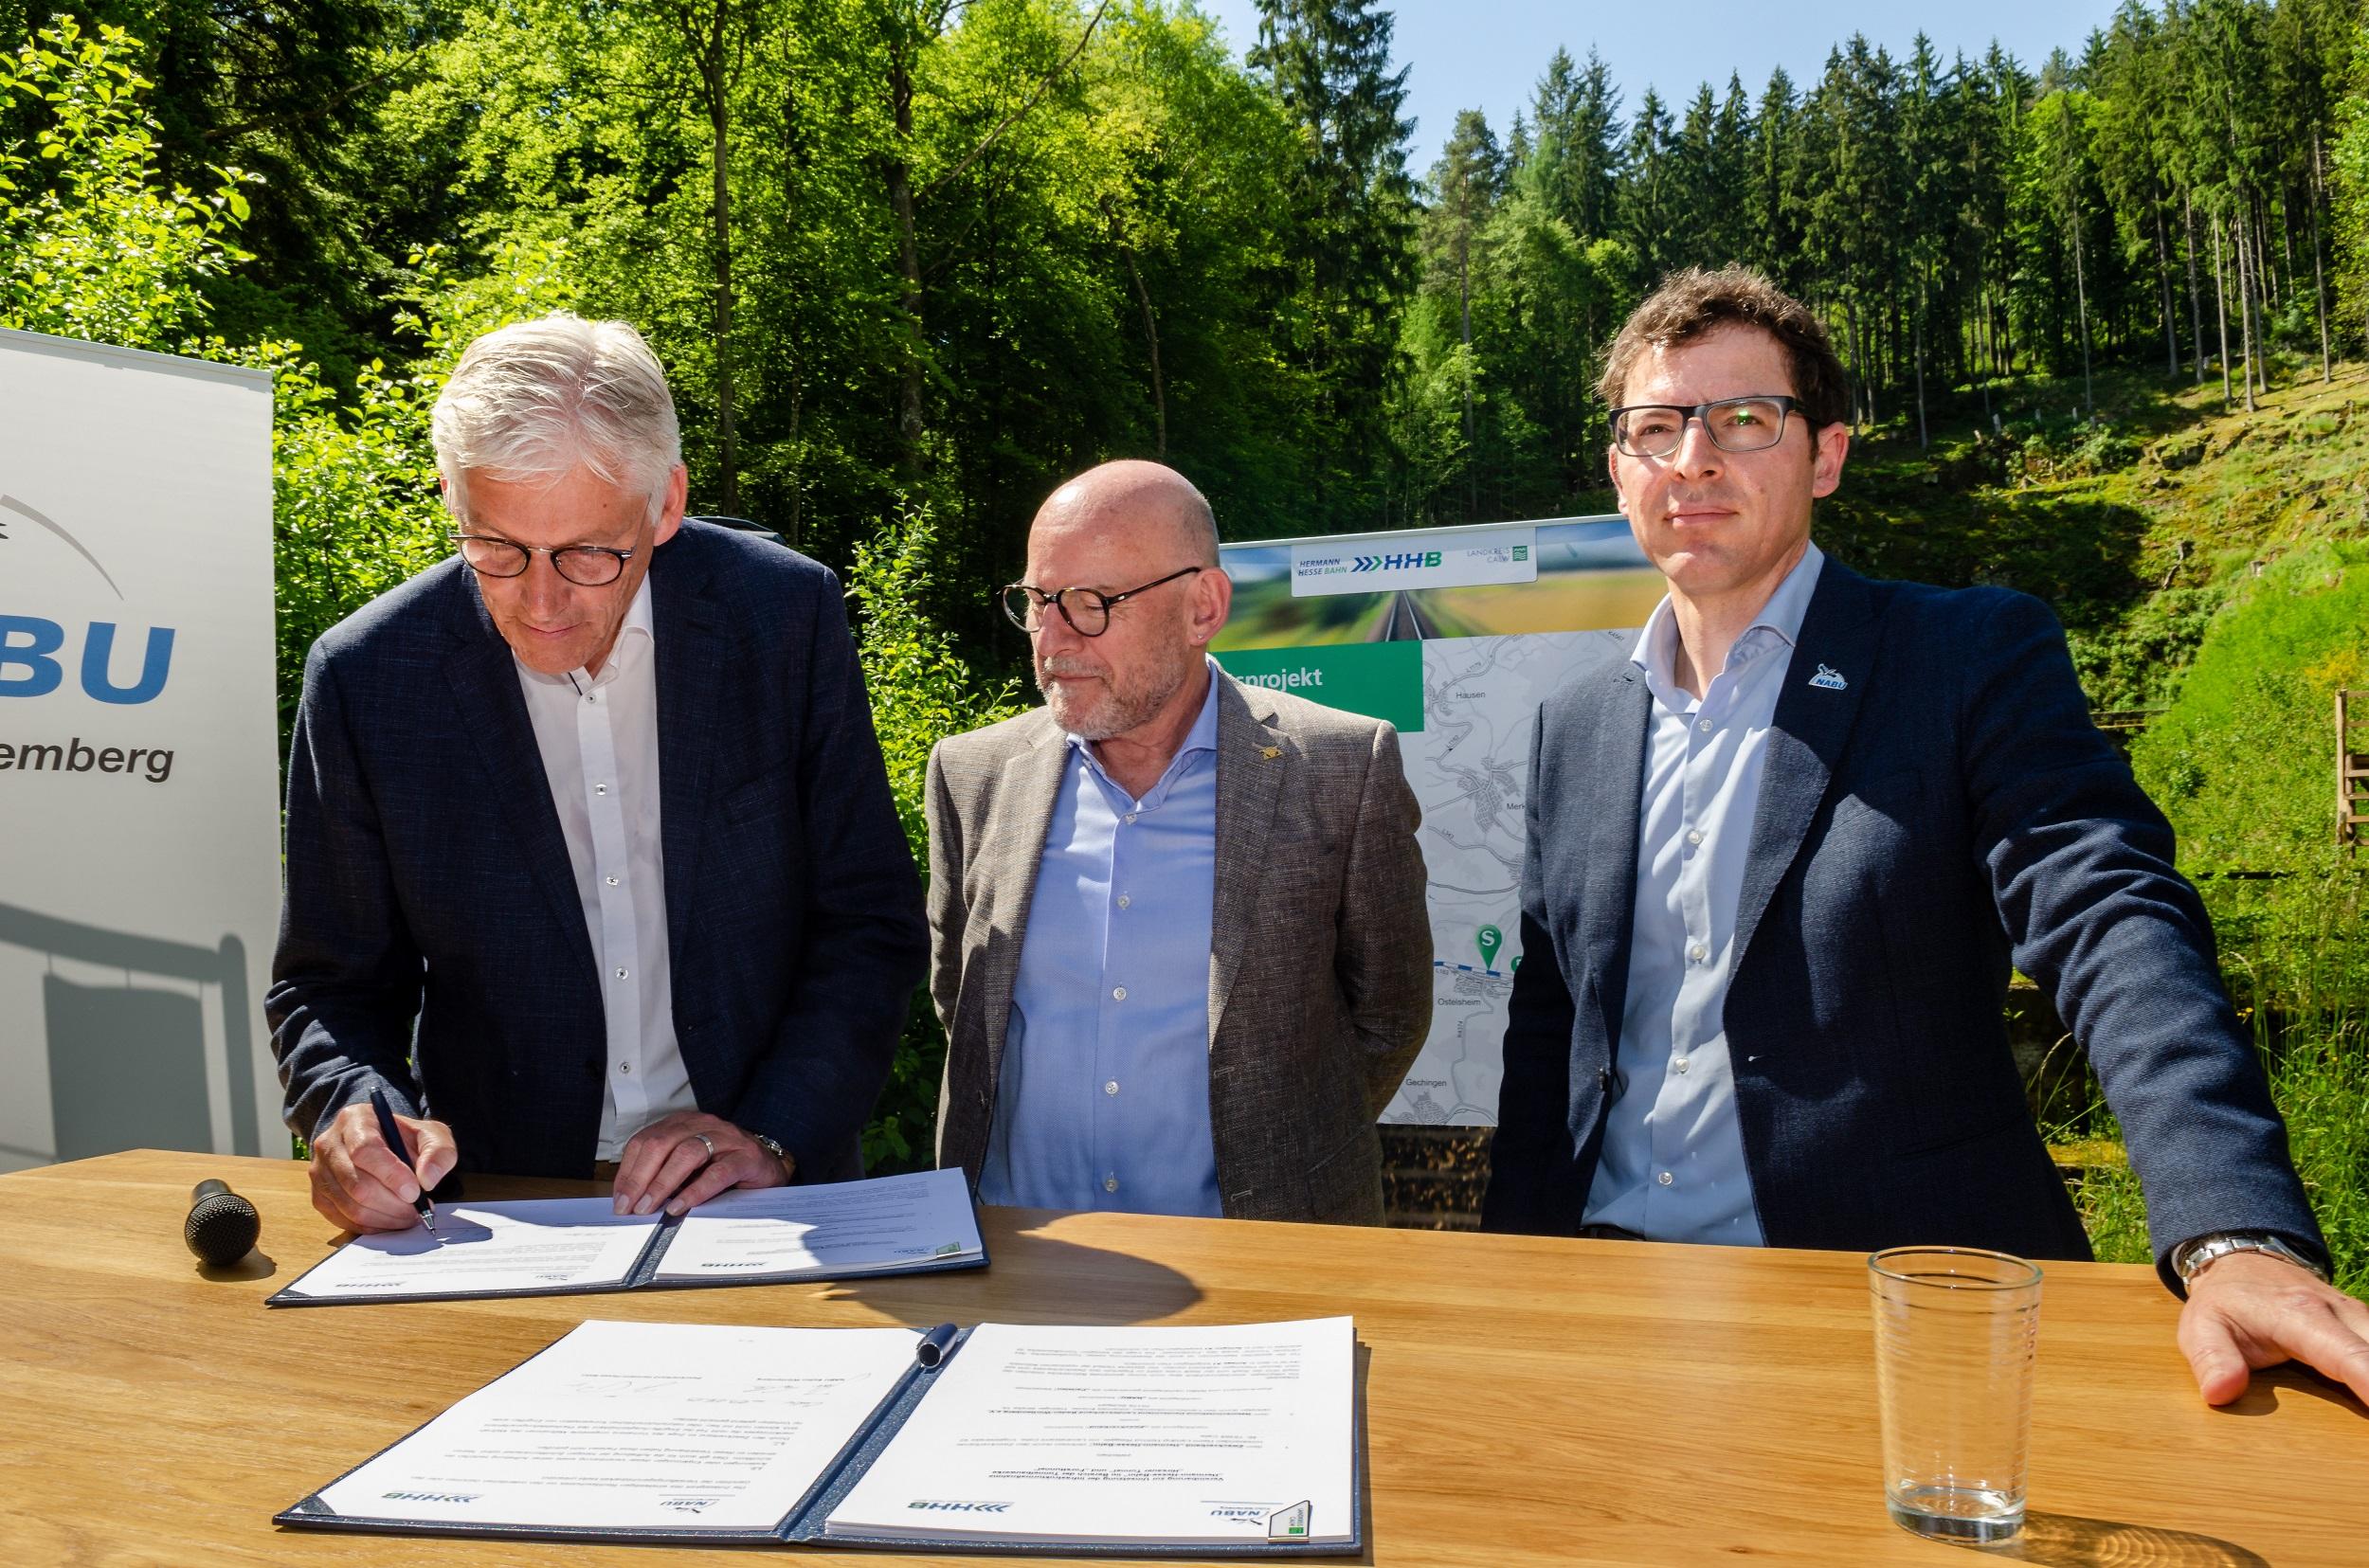 Landrat Helmut Riegger bei der Vertragsunterzeichnung zusammen mit Verkehrsminister Winfried Hermann sowie NABU-Landesvorsitzender Johannes Enssle.